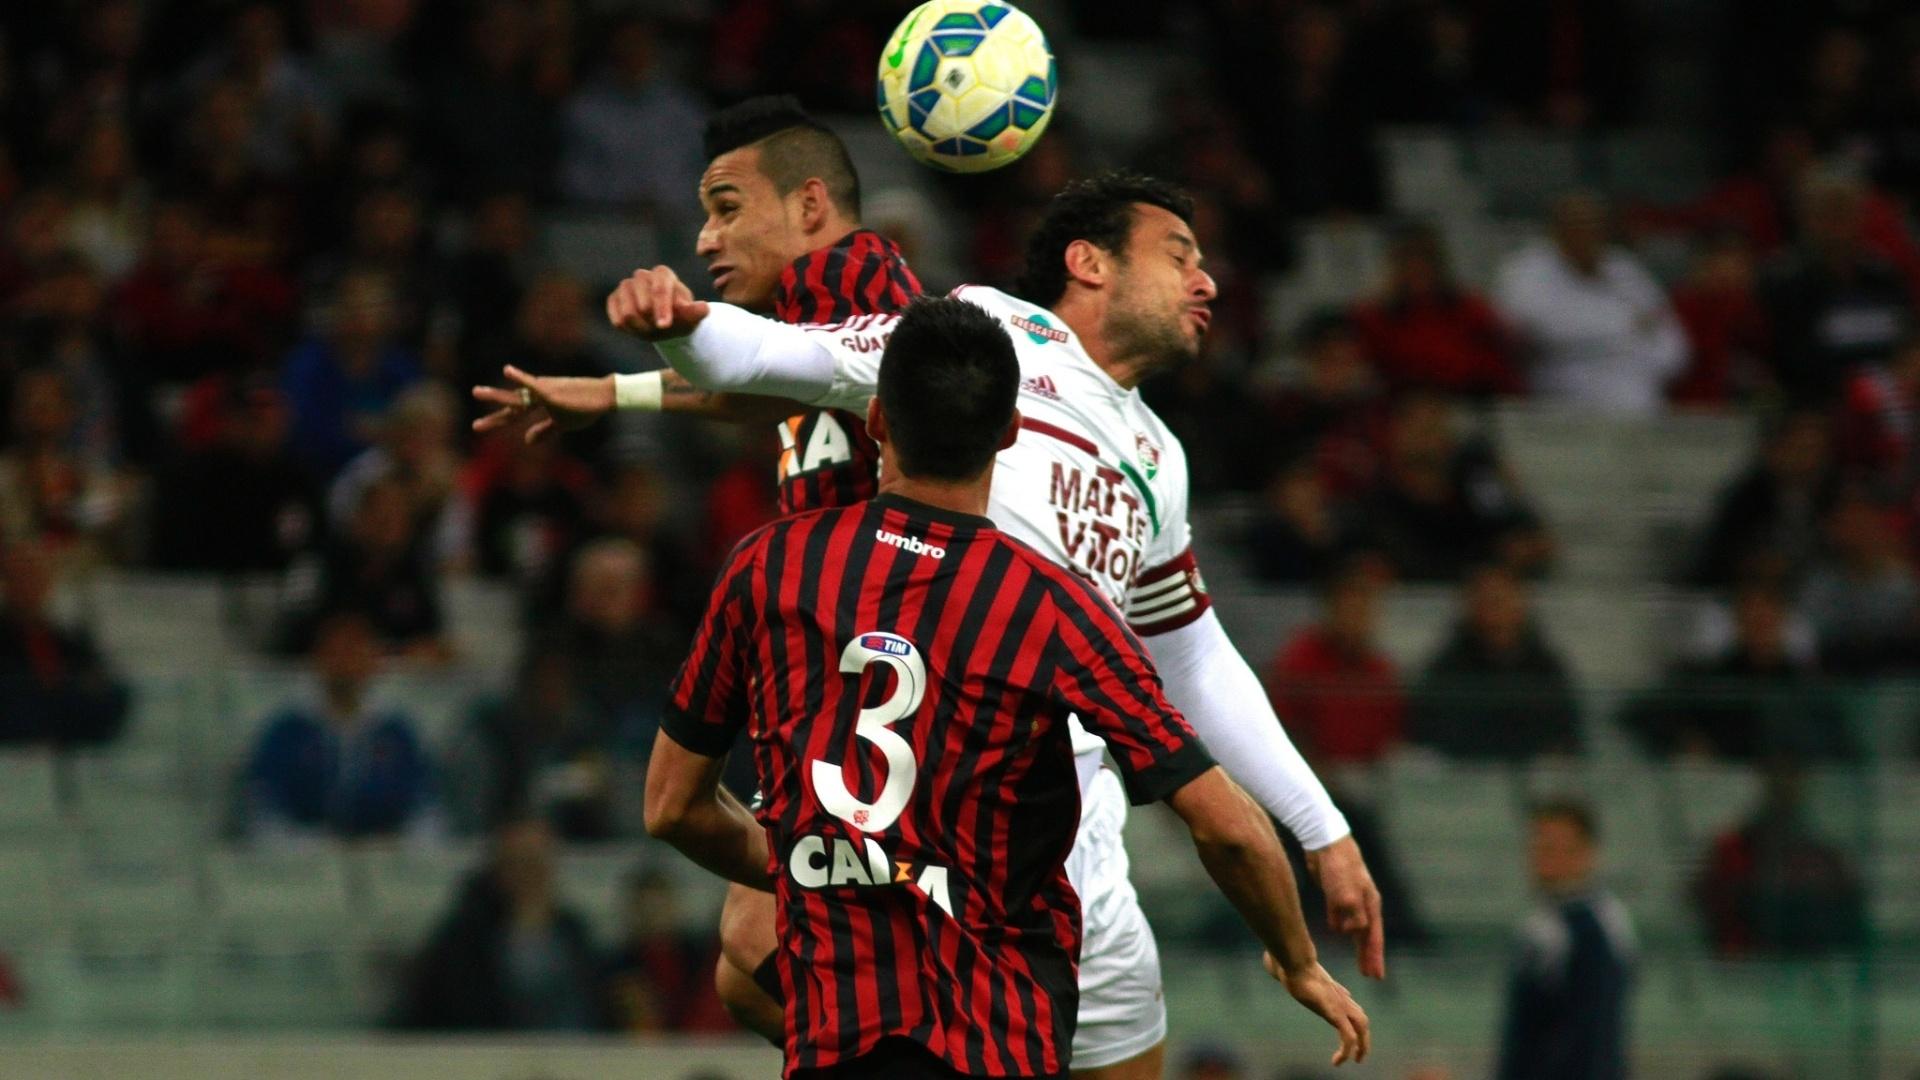 Fred sobe de cabeça na disputa de bola com jogadores do Atlético-PR, no Campeonato Brasileiro